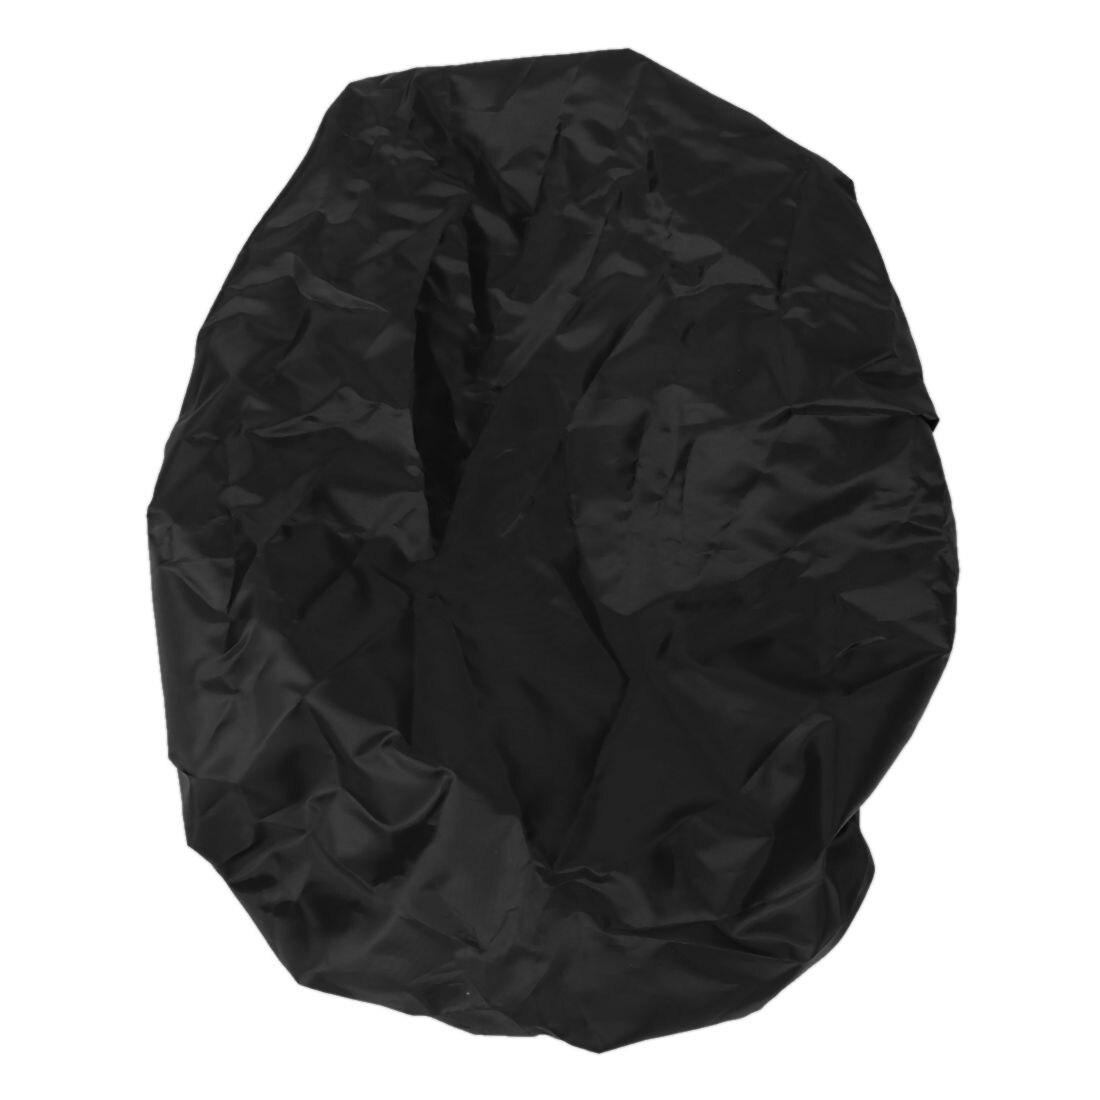 Горячая Мода Новый Водонепроницаемый дорожный аксессуар рюкзак пыль дождевик 35L, черный